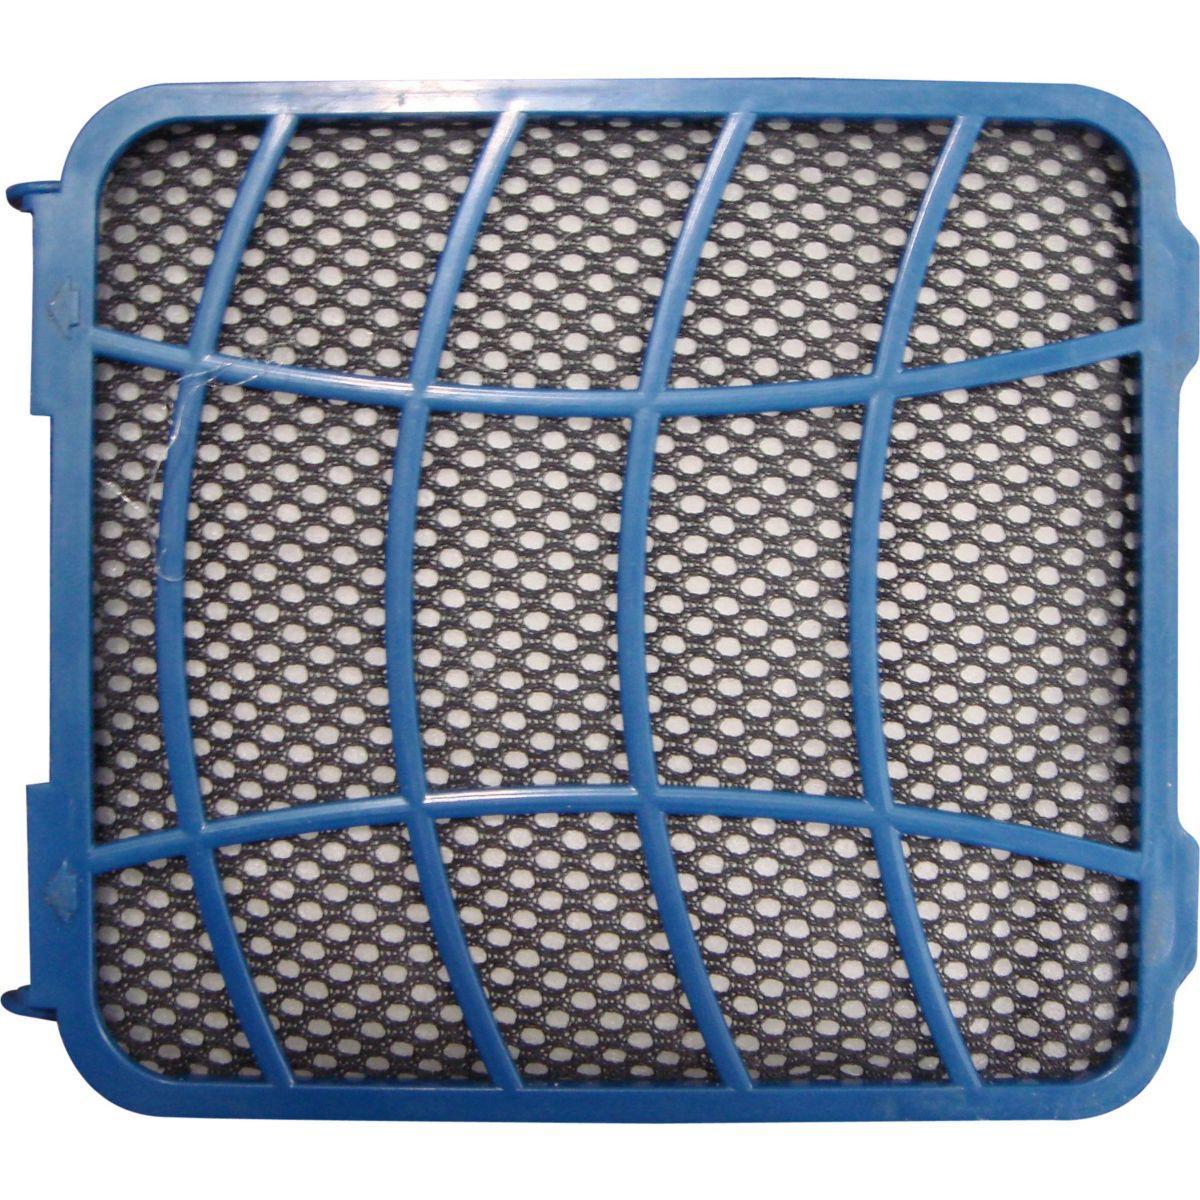 Filtre hoover s104 aspiration xarion pro xp81_xp25 - 15% de remise imm�diate avec le code : deal15 (photo)